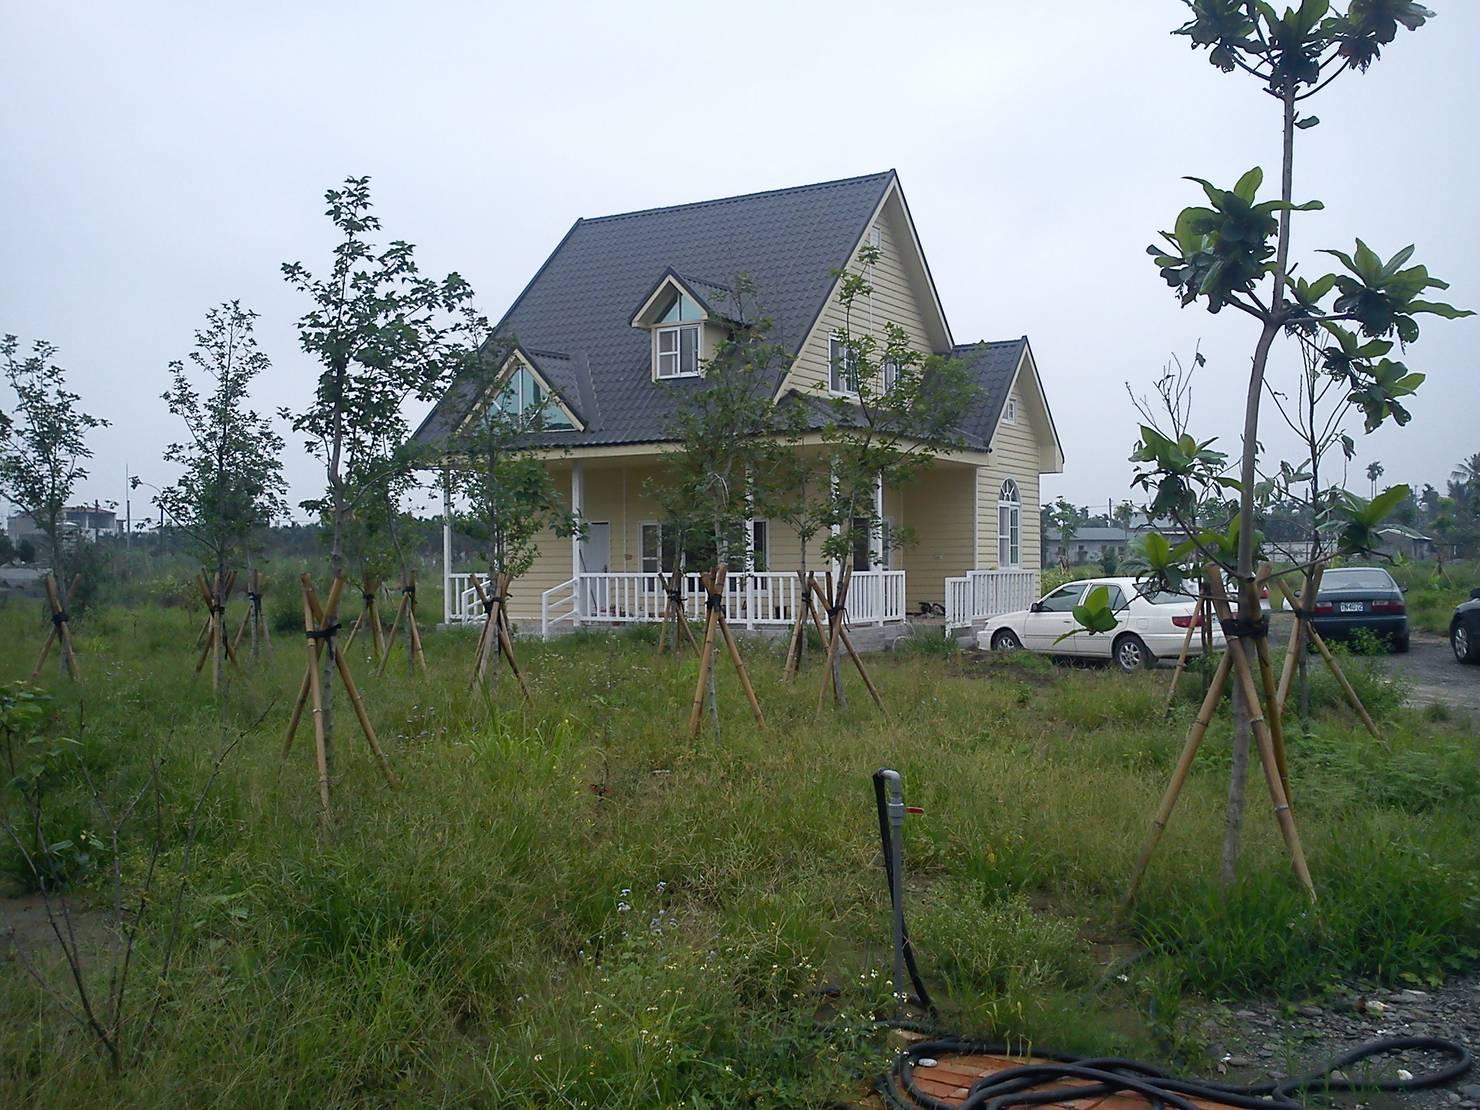 Как построить дом за 1 млн рублей своими руками- фотографии